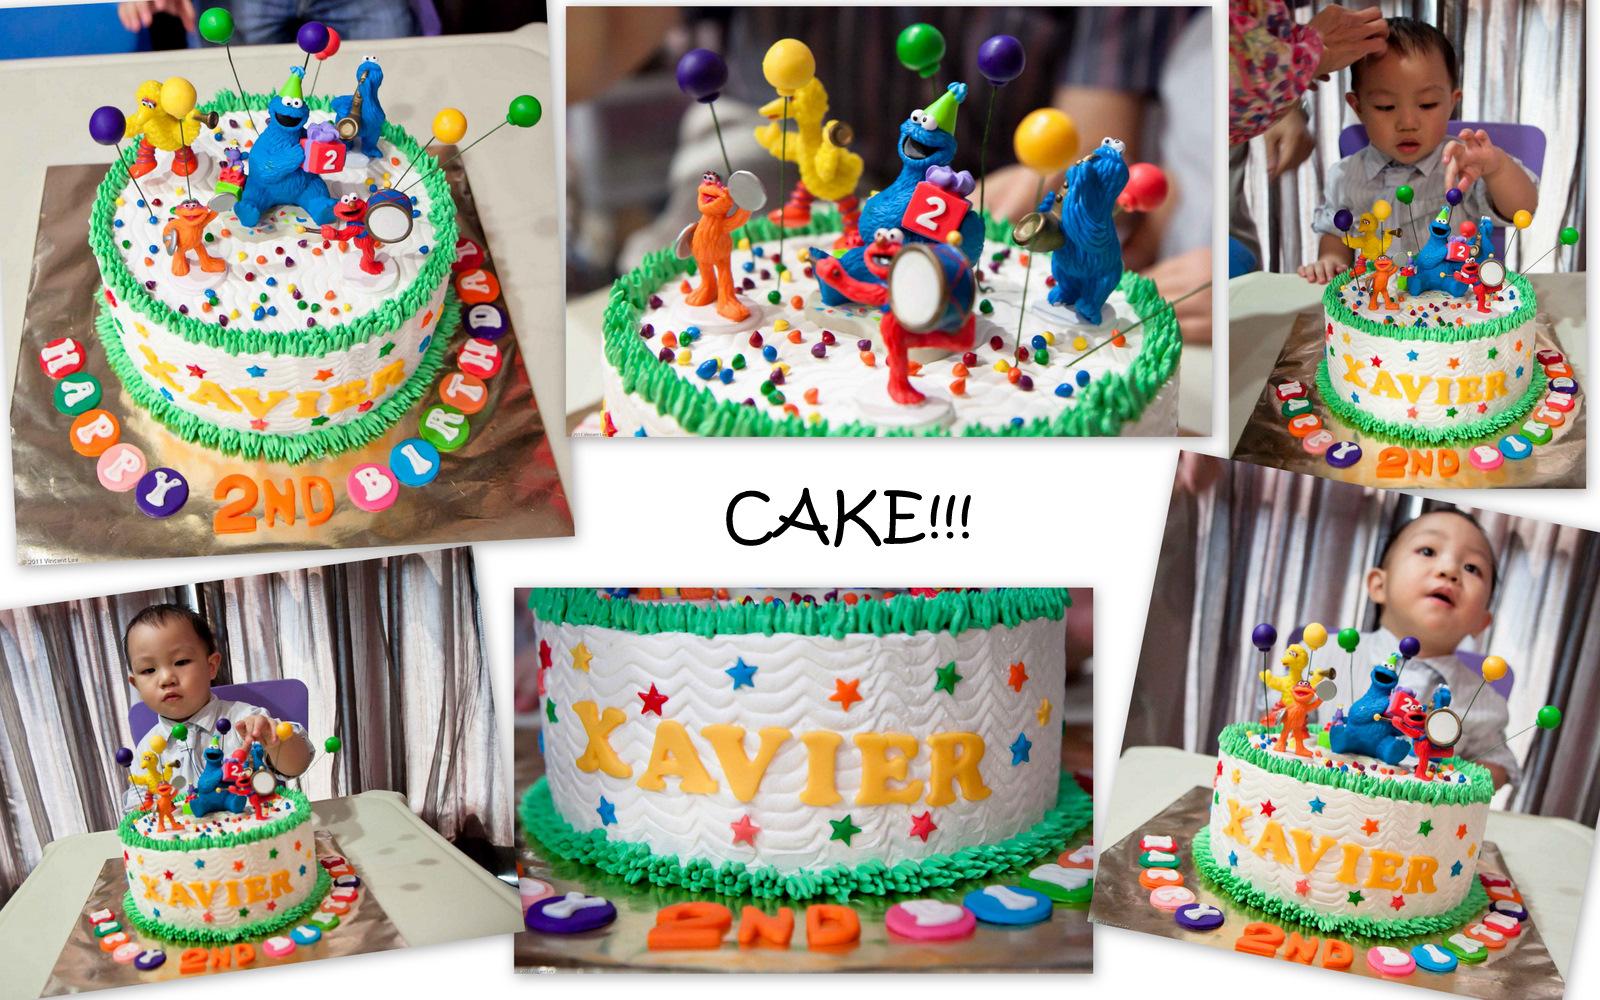 roamingglass Happy 2nd Birthday Xavier